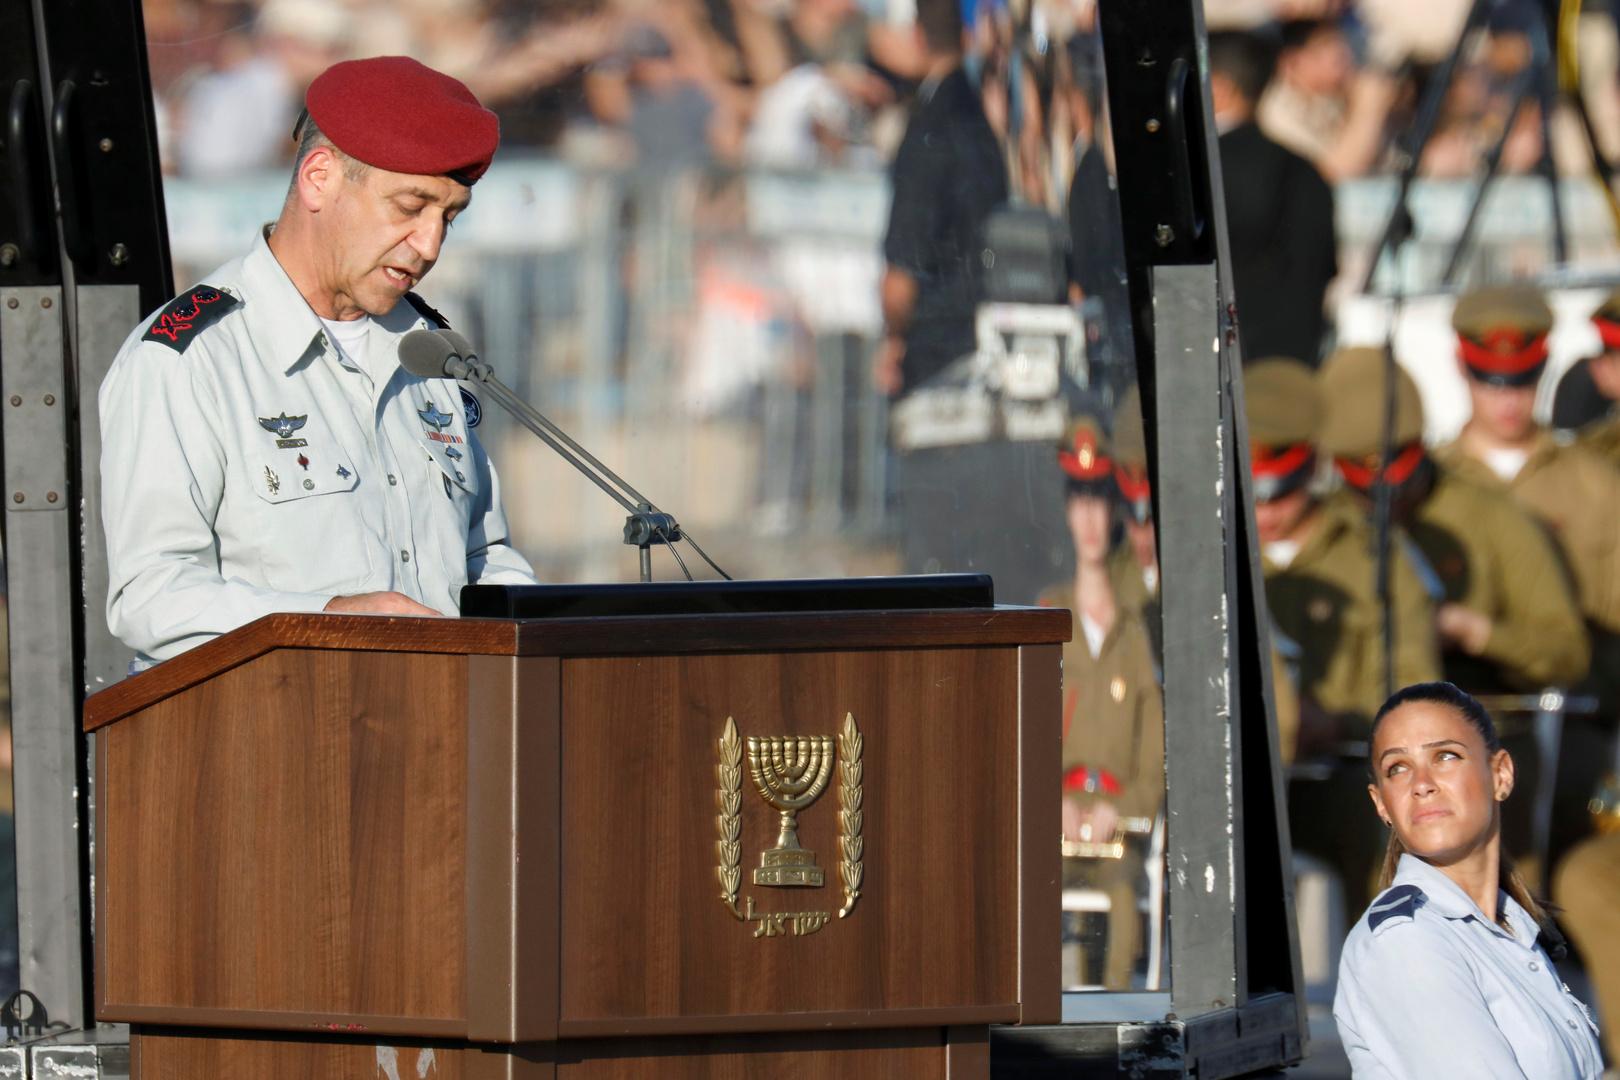 عقب حادث في موقع نطنز الإيراني.. قائد أركان إسرائيل يتحدث عن